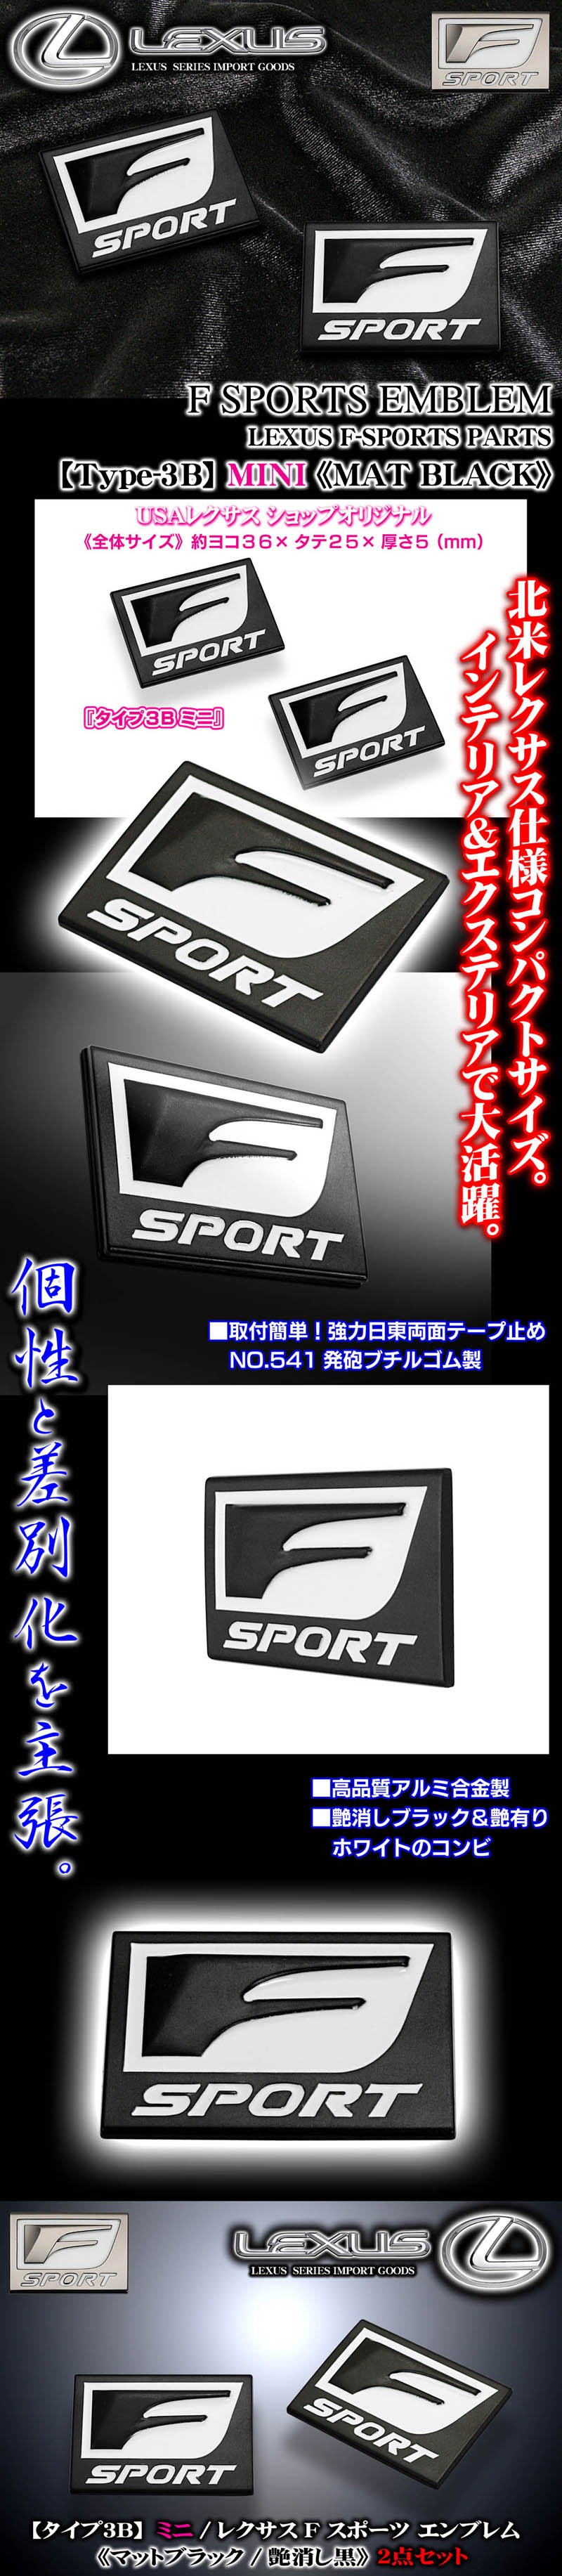 《タイプ3B》マットブラック2個【ミニ/Fスポーツ/36×25mm】レクサス汎用3Dエンブレムメタル F-SPORTS北米LEXUSショップパーツ/ブラガ